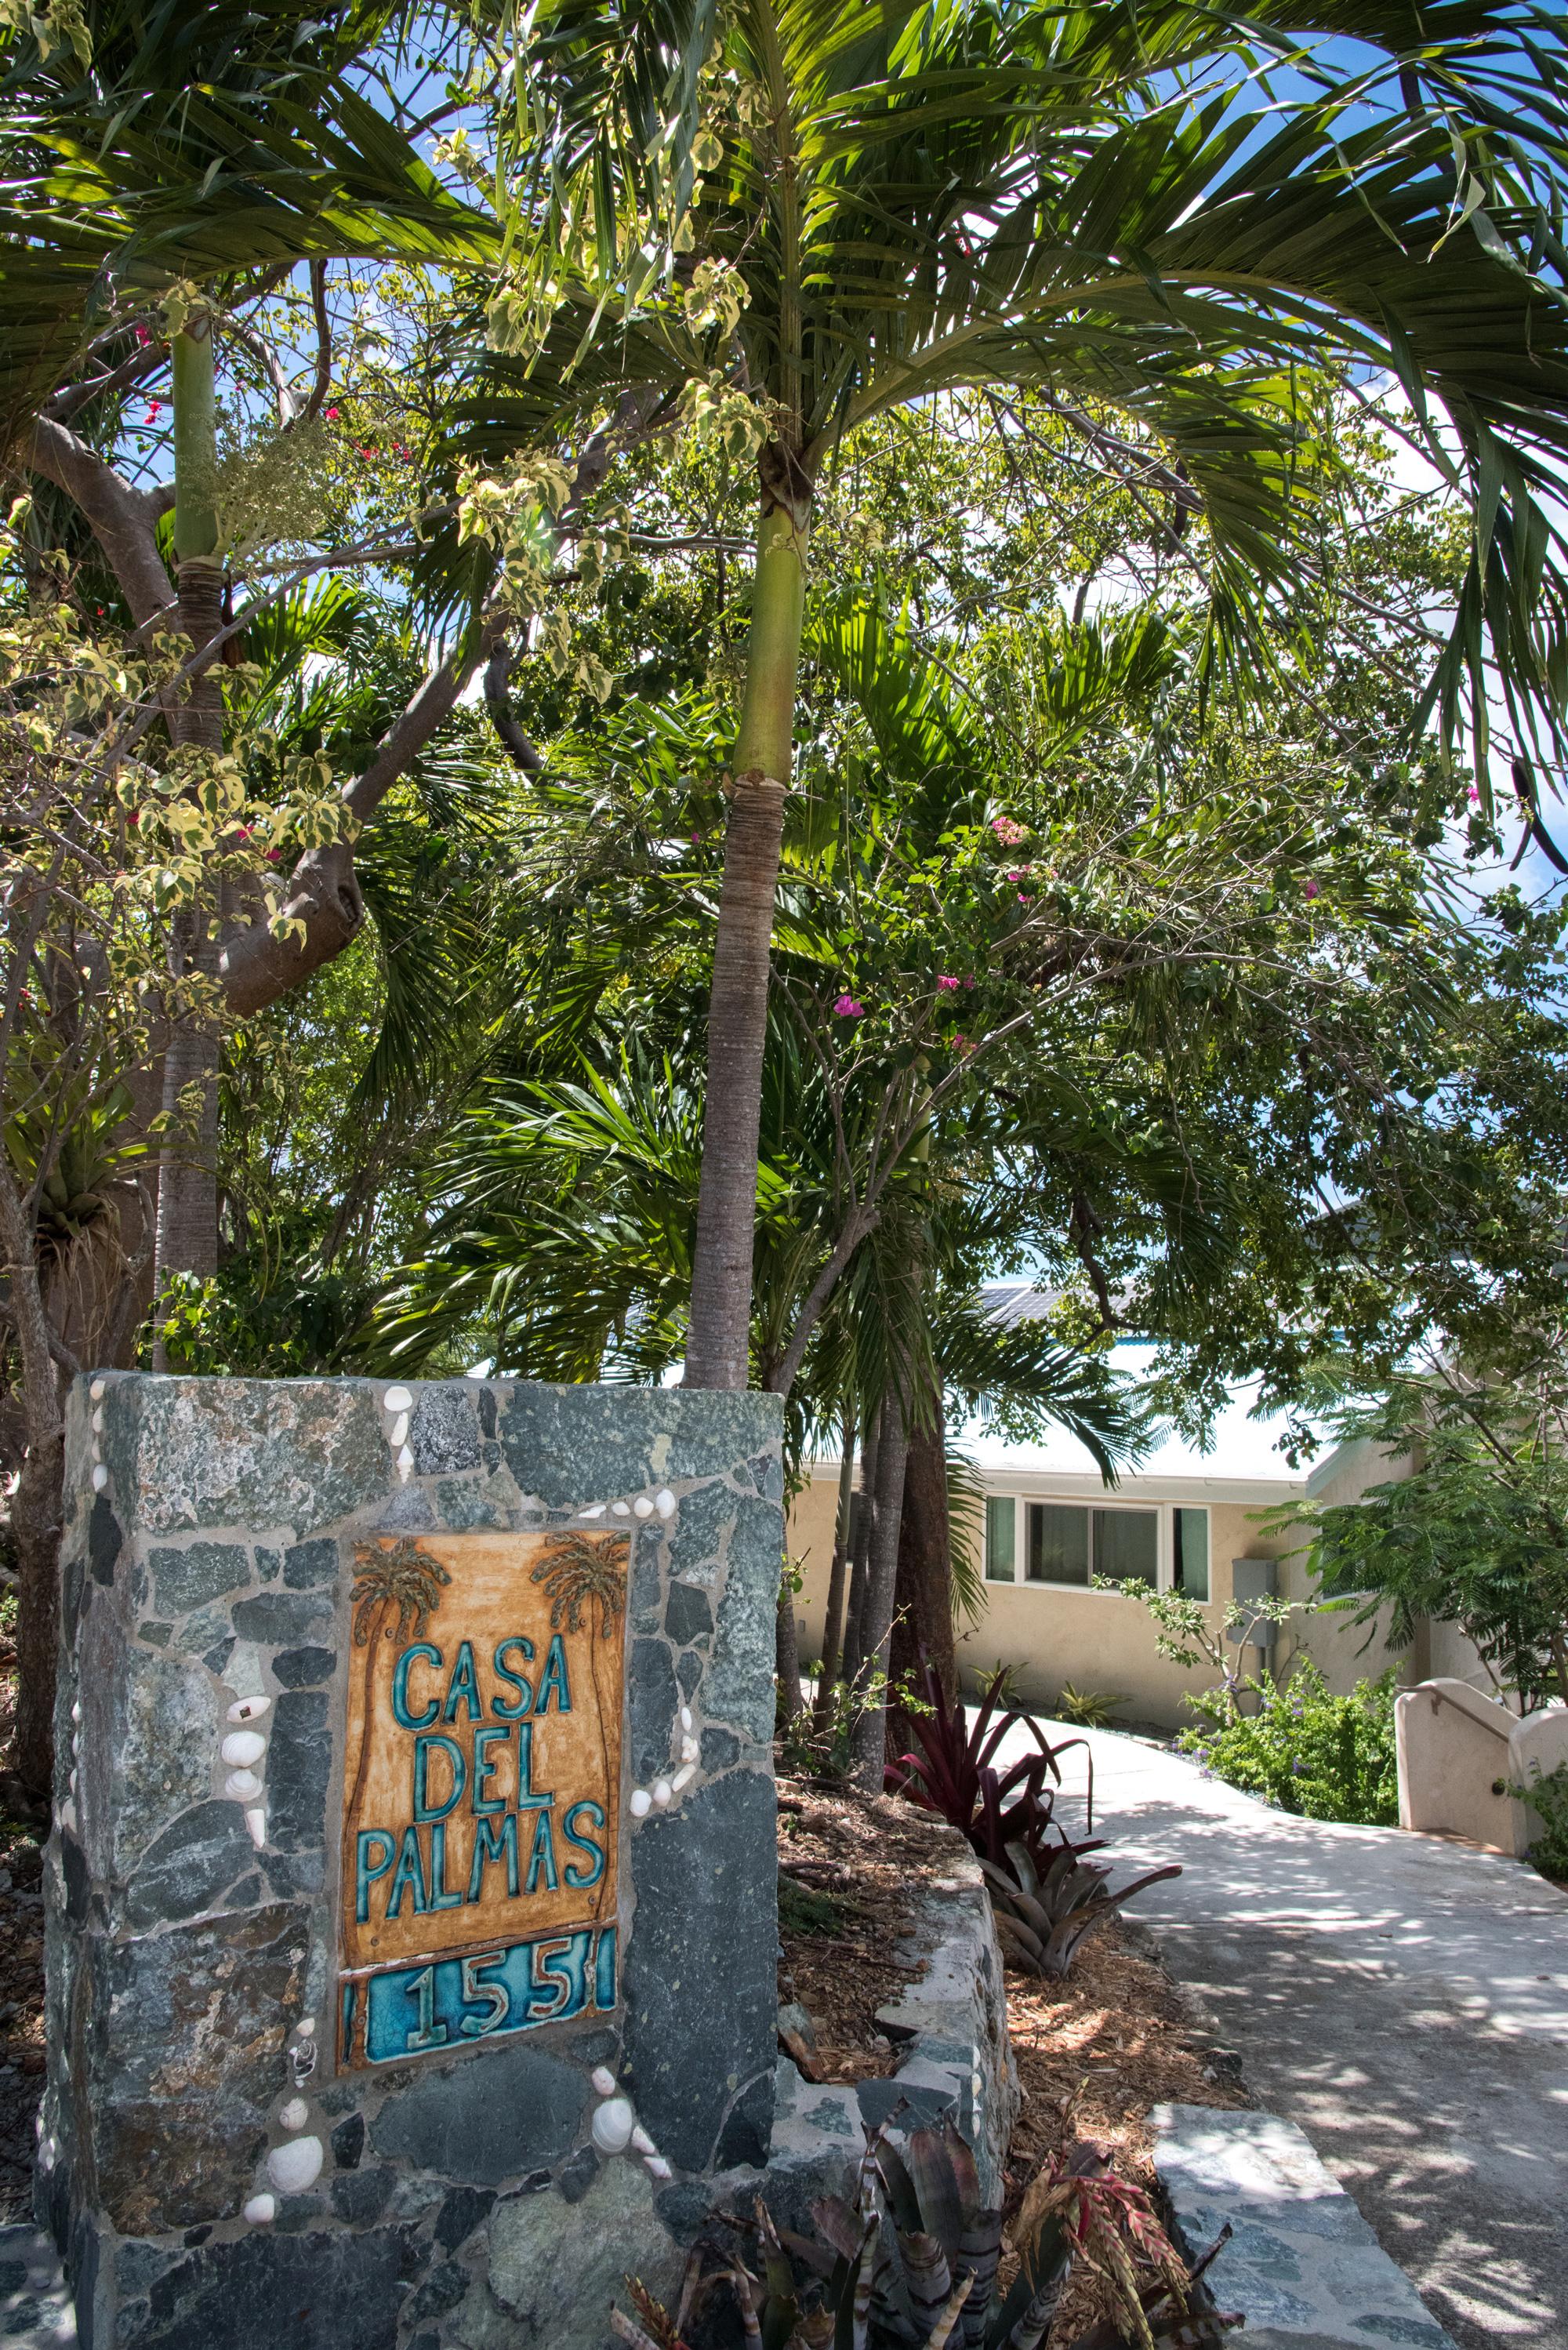 Casa Del Palmas Entry Way Sign